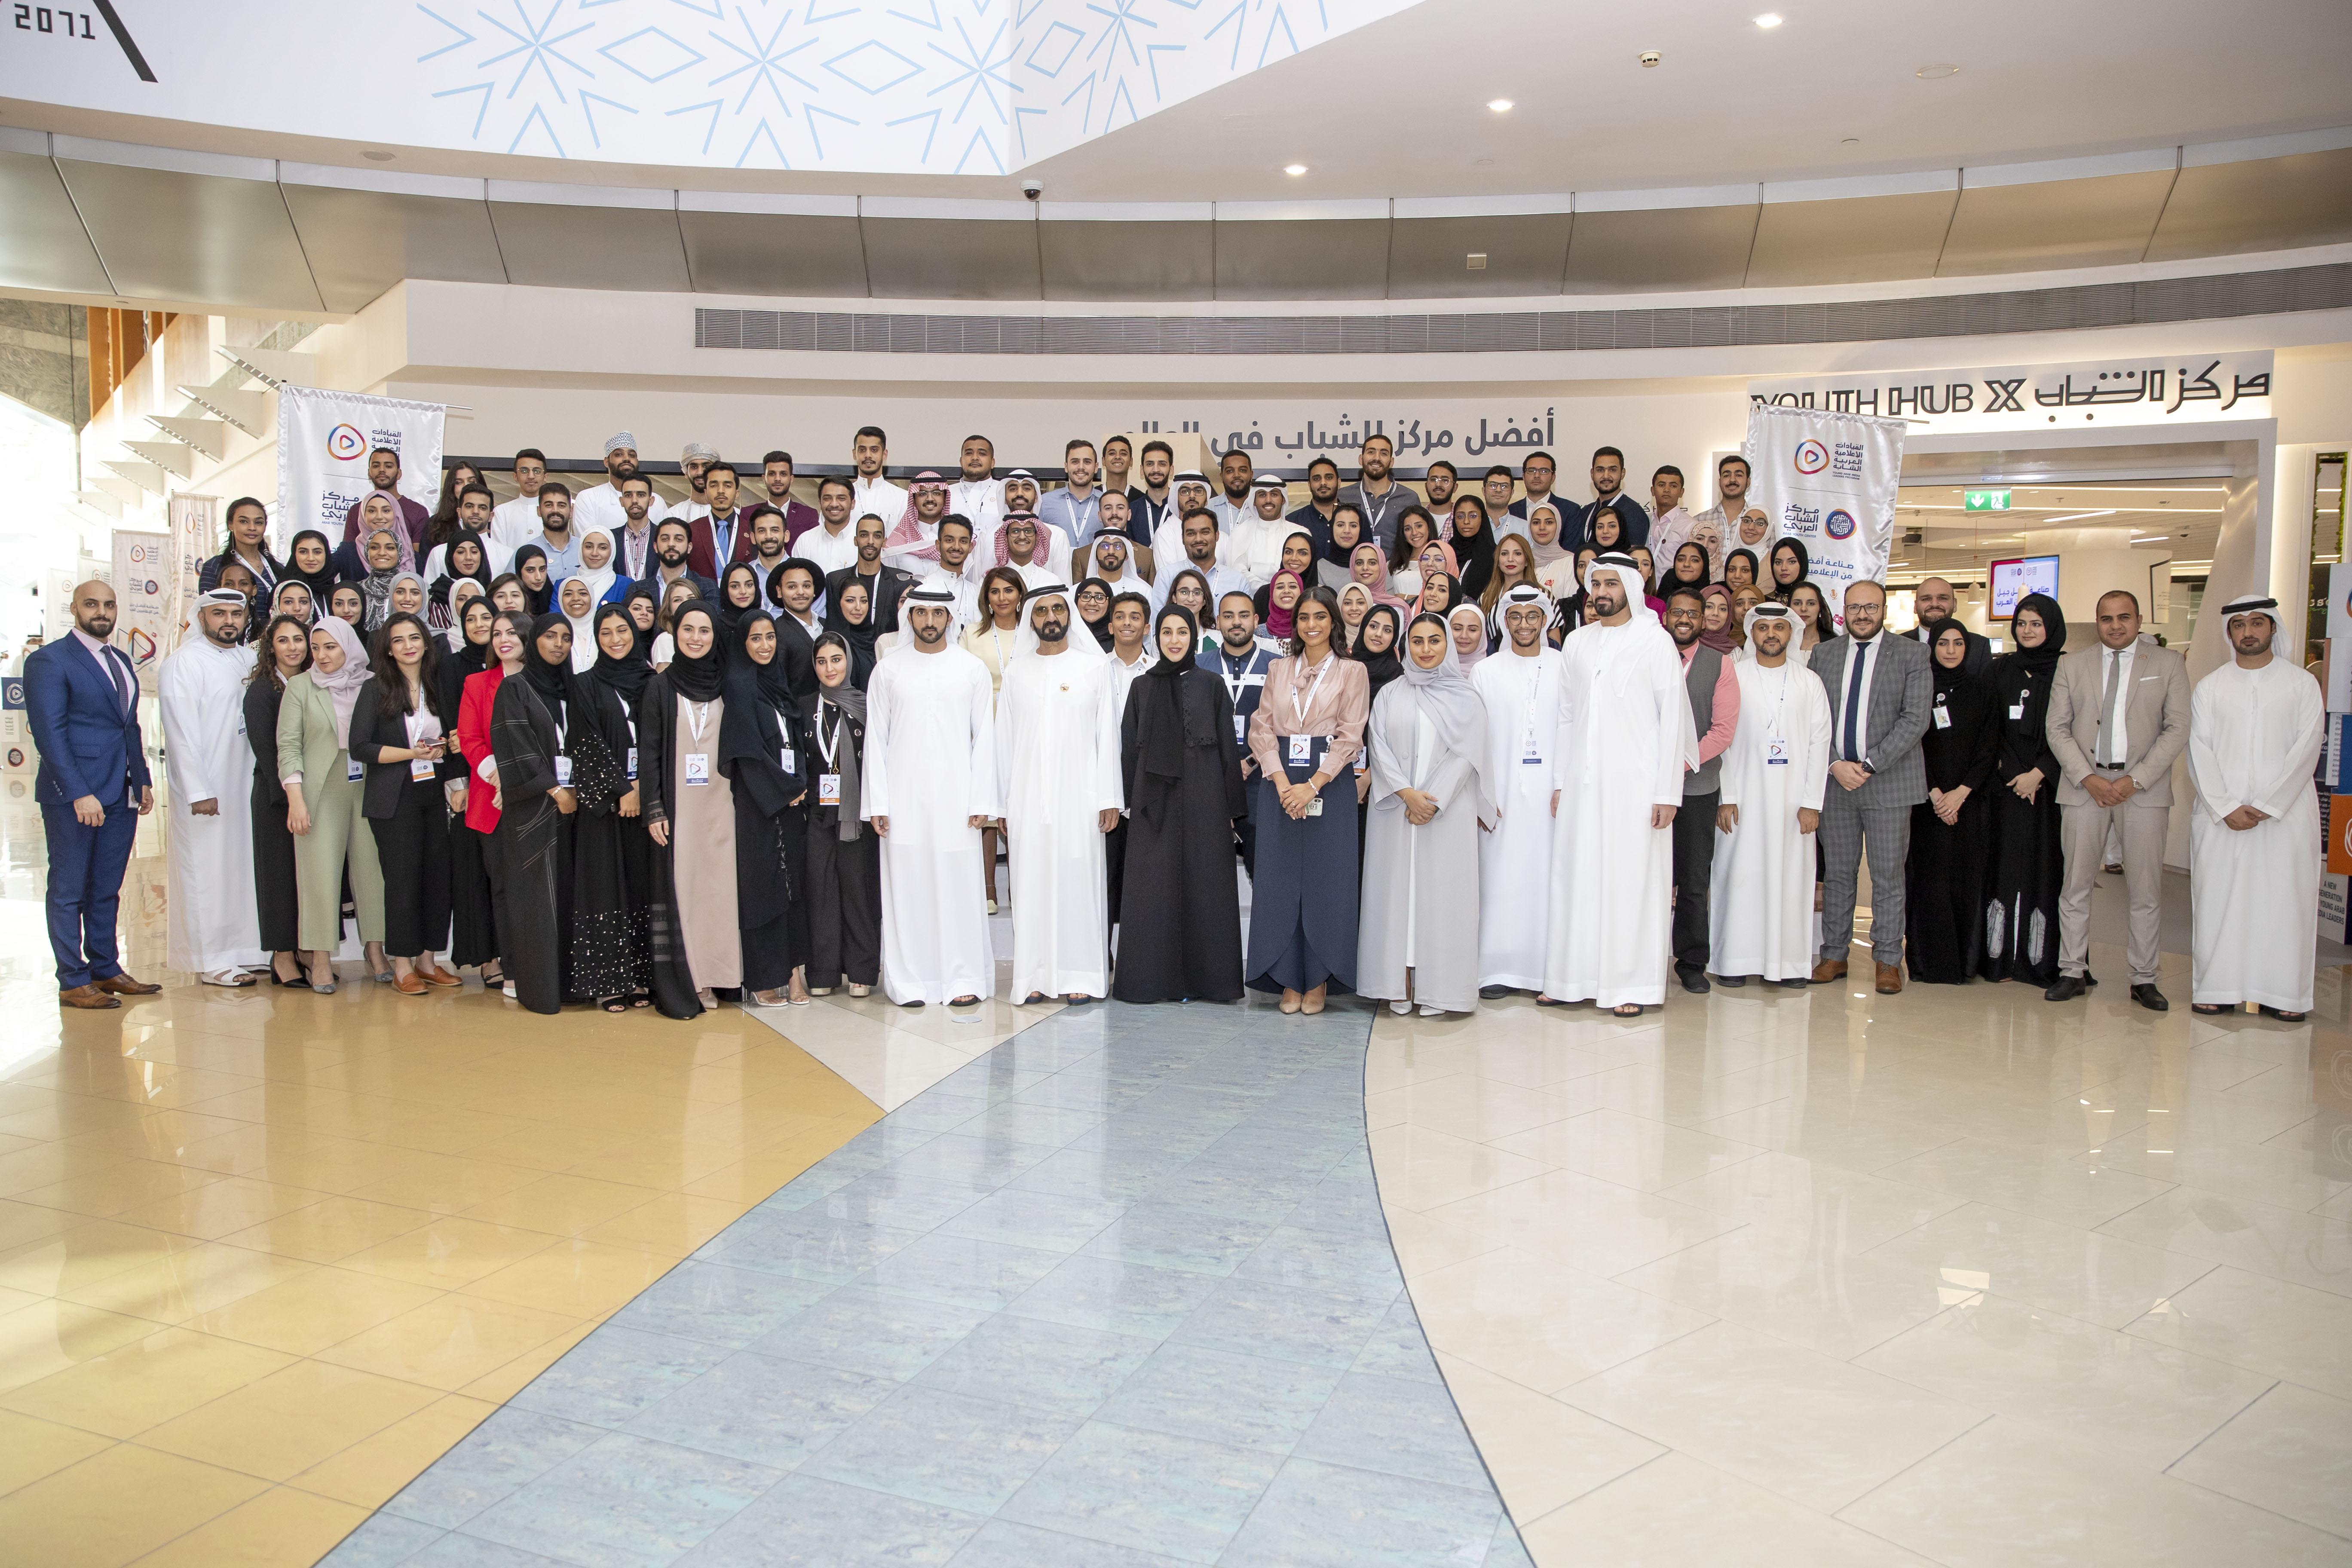 محمد بن راشد يلتقي المشاركين في الدورة الثالثة من برنامج القيادات الإعلامية العربية الشابة